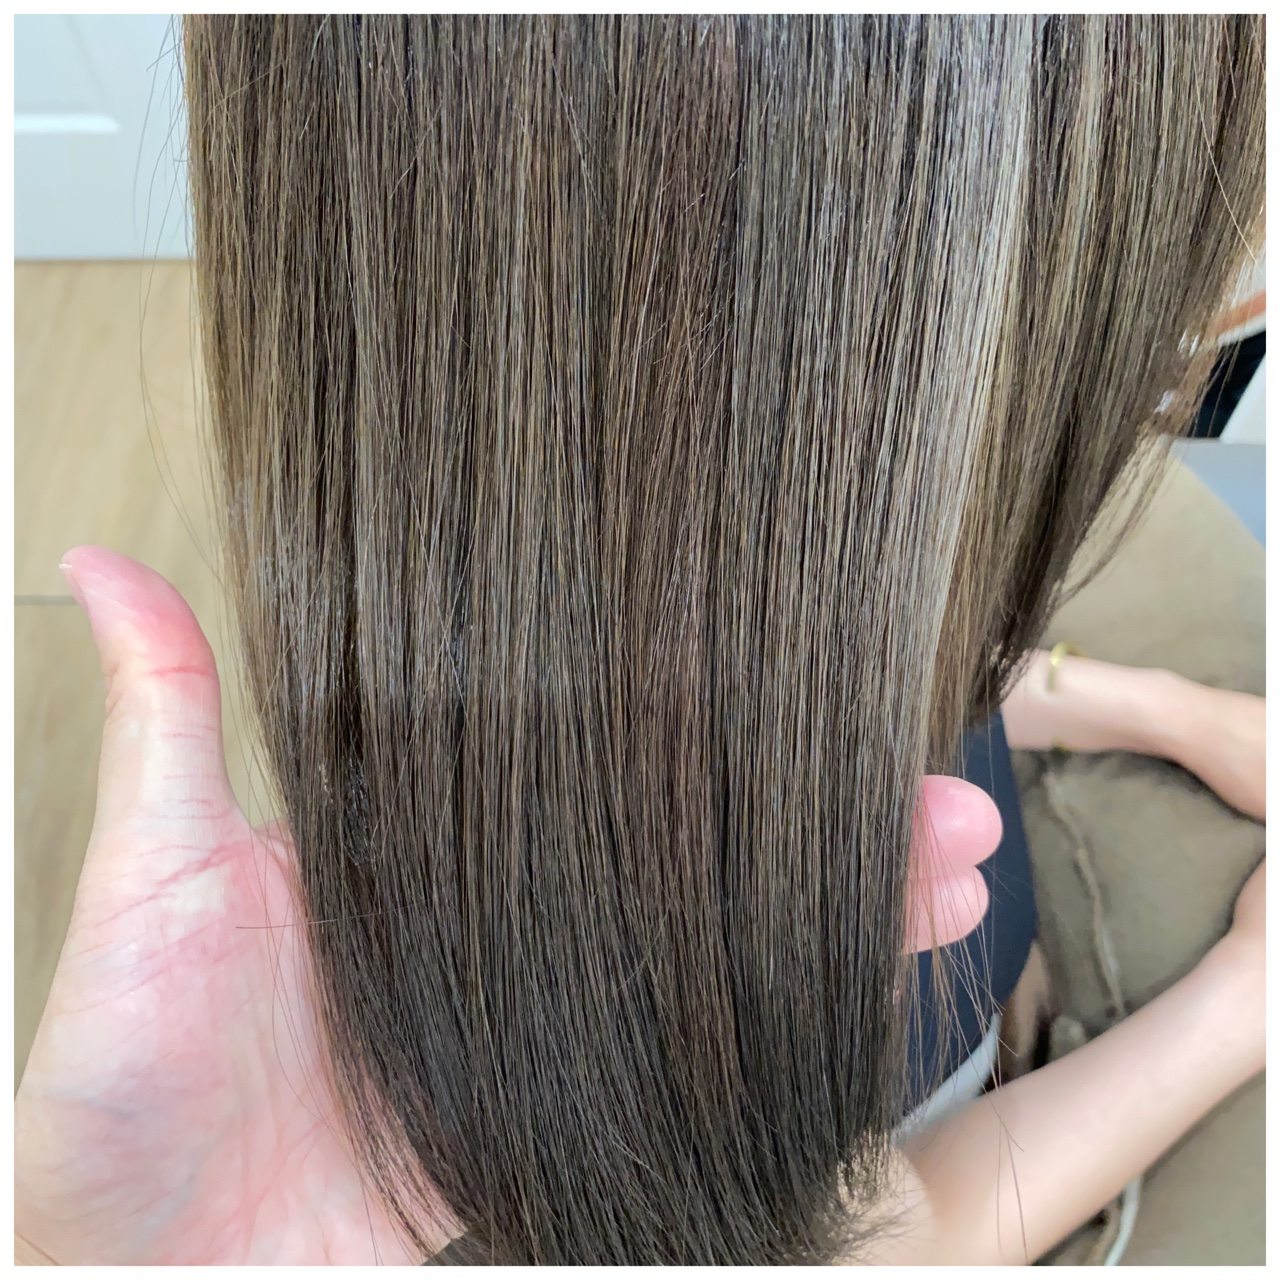 【幸せ✨】髪のお悩みがなくなる方法ベスト3